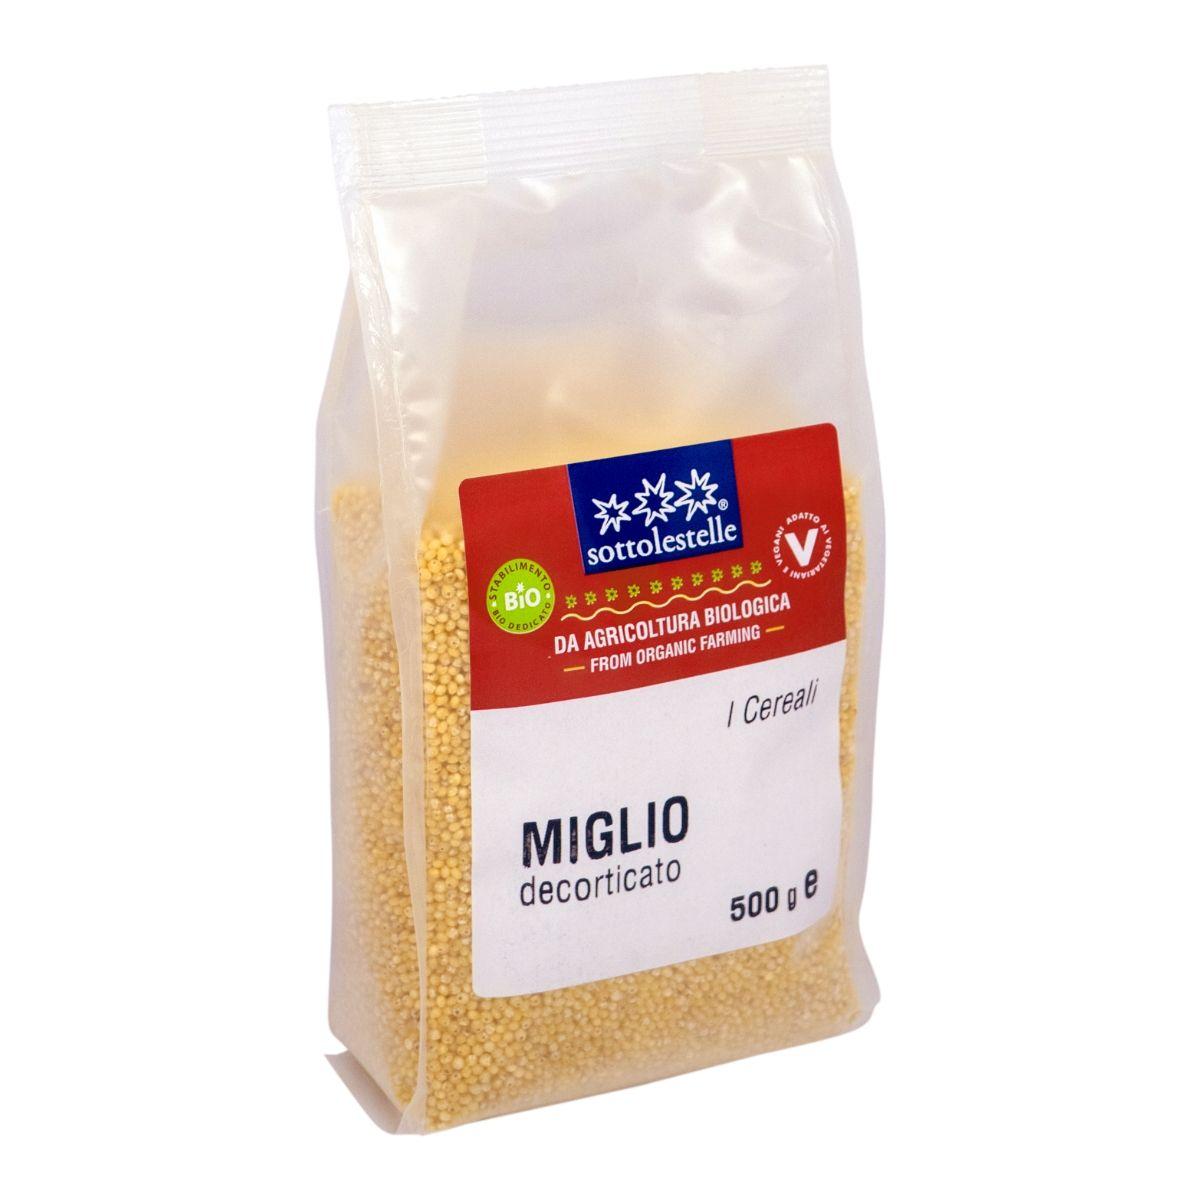 8032454070317 B Hạt kê hữu cơ đã bóc vỏ Sotto 500g - Miglio decorticato